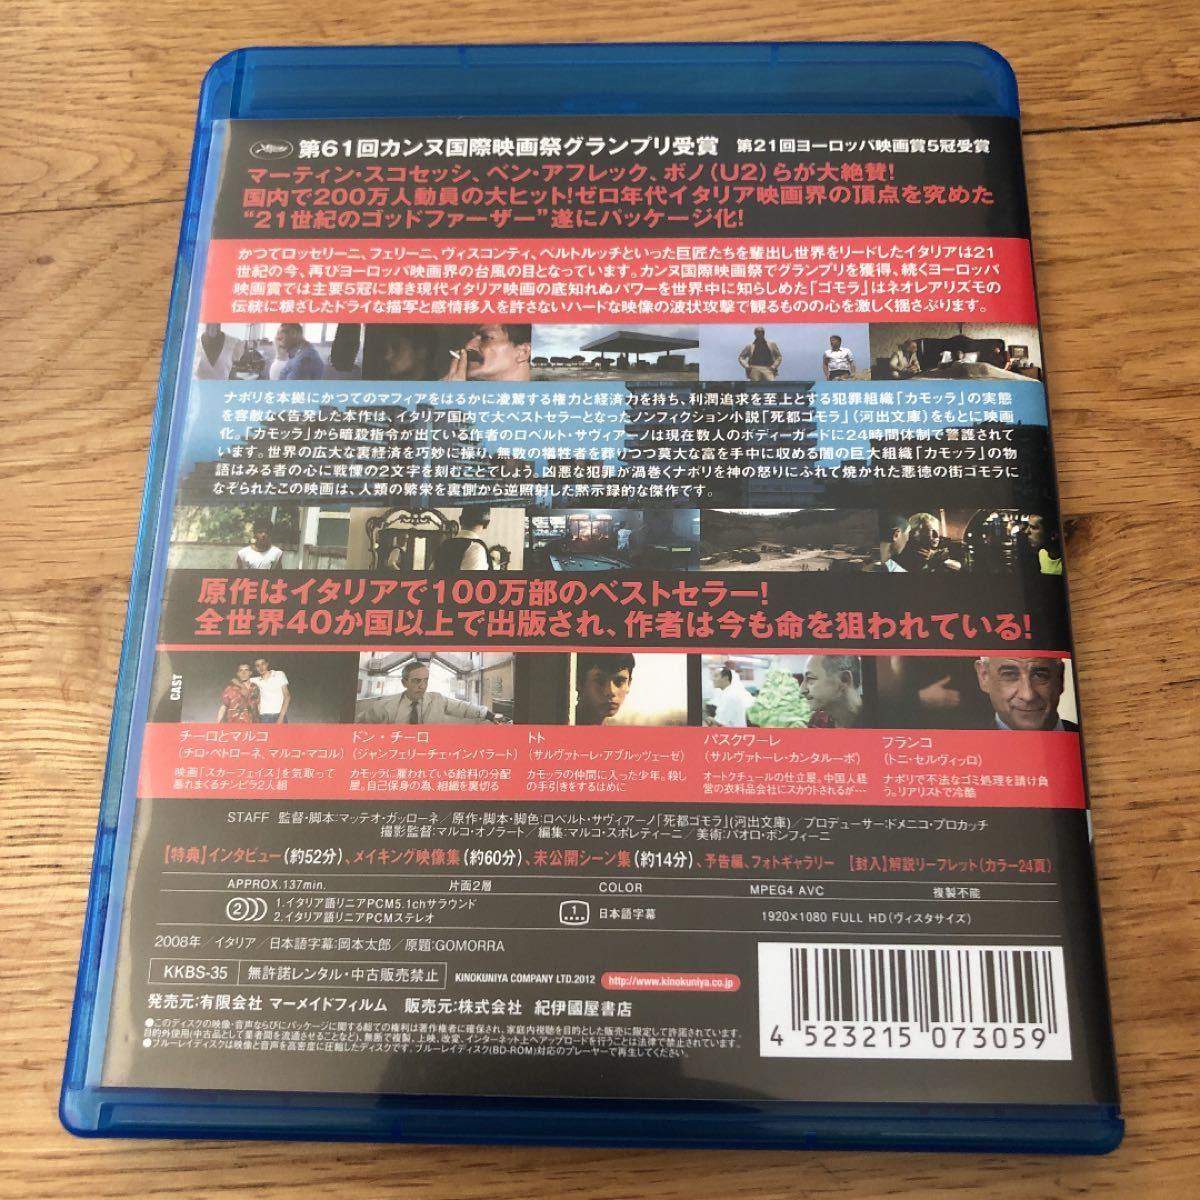 ゴモラ Blu-ray